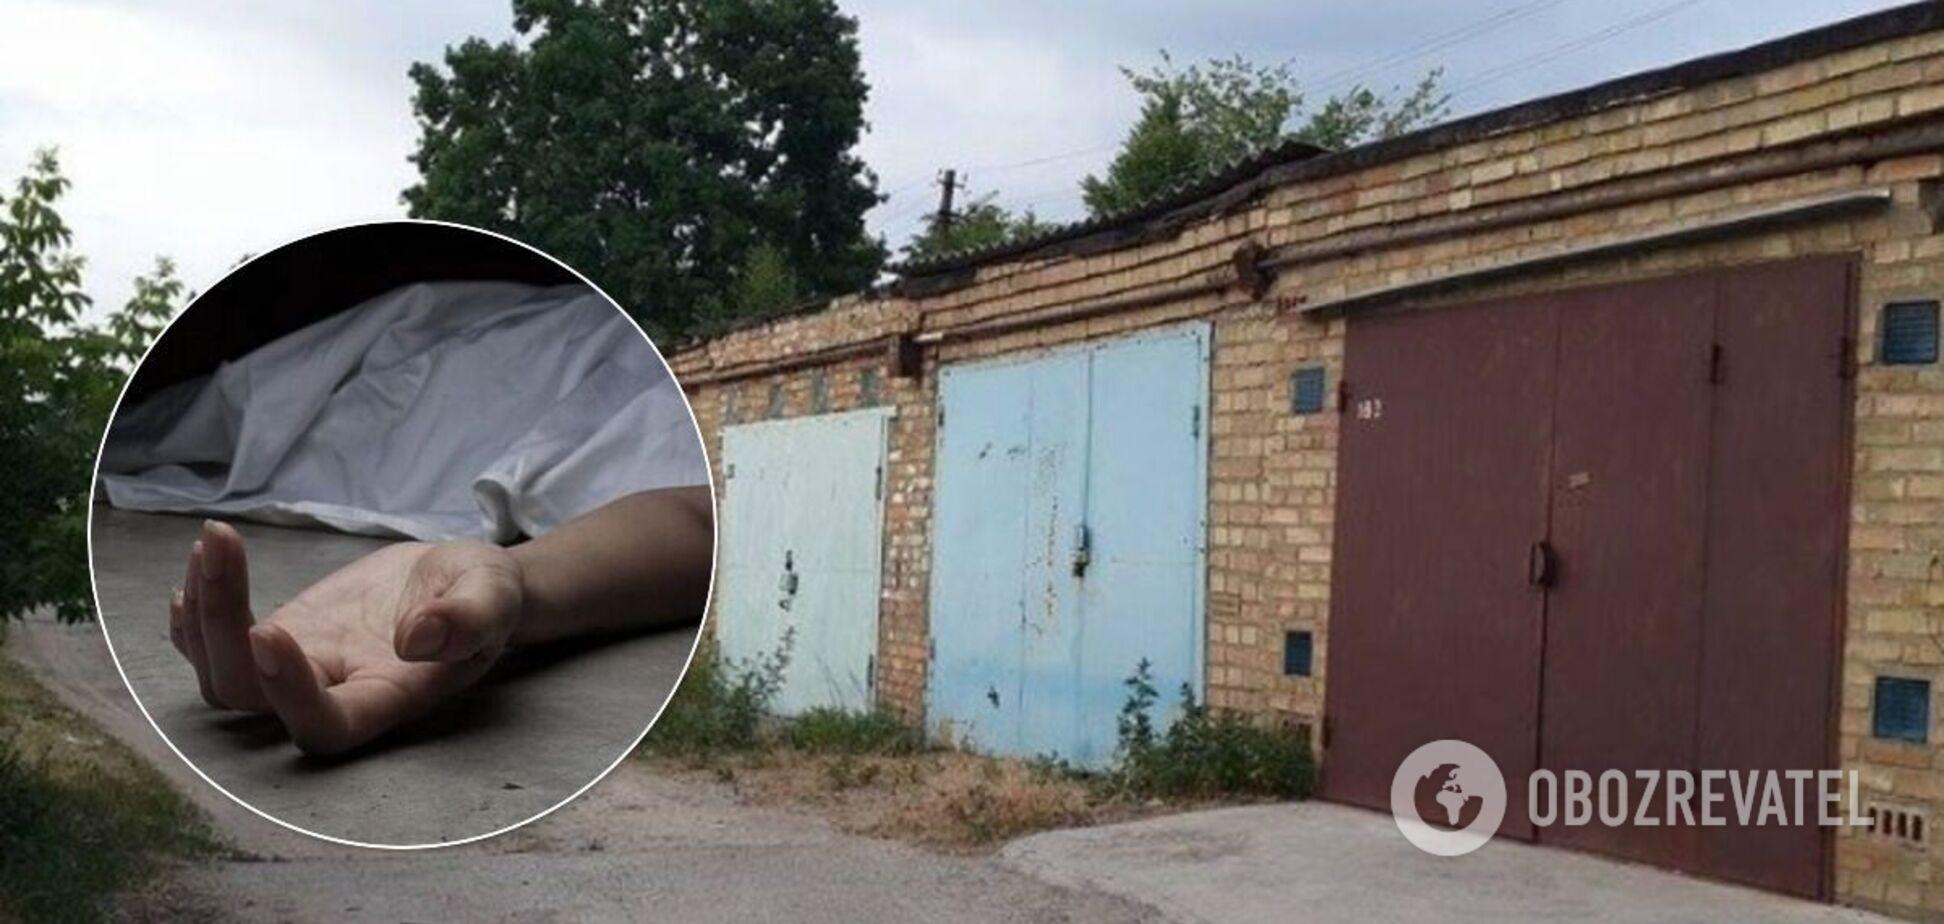 У Дніпрі в гаражному кооперативі знайшли тіло жінки: потрібна допомога в упізнанні